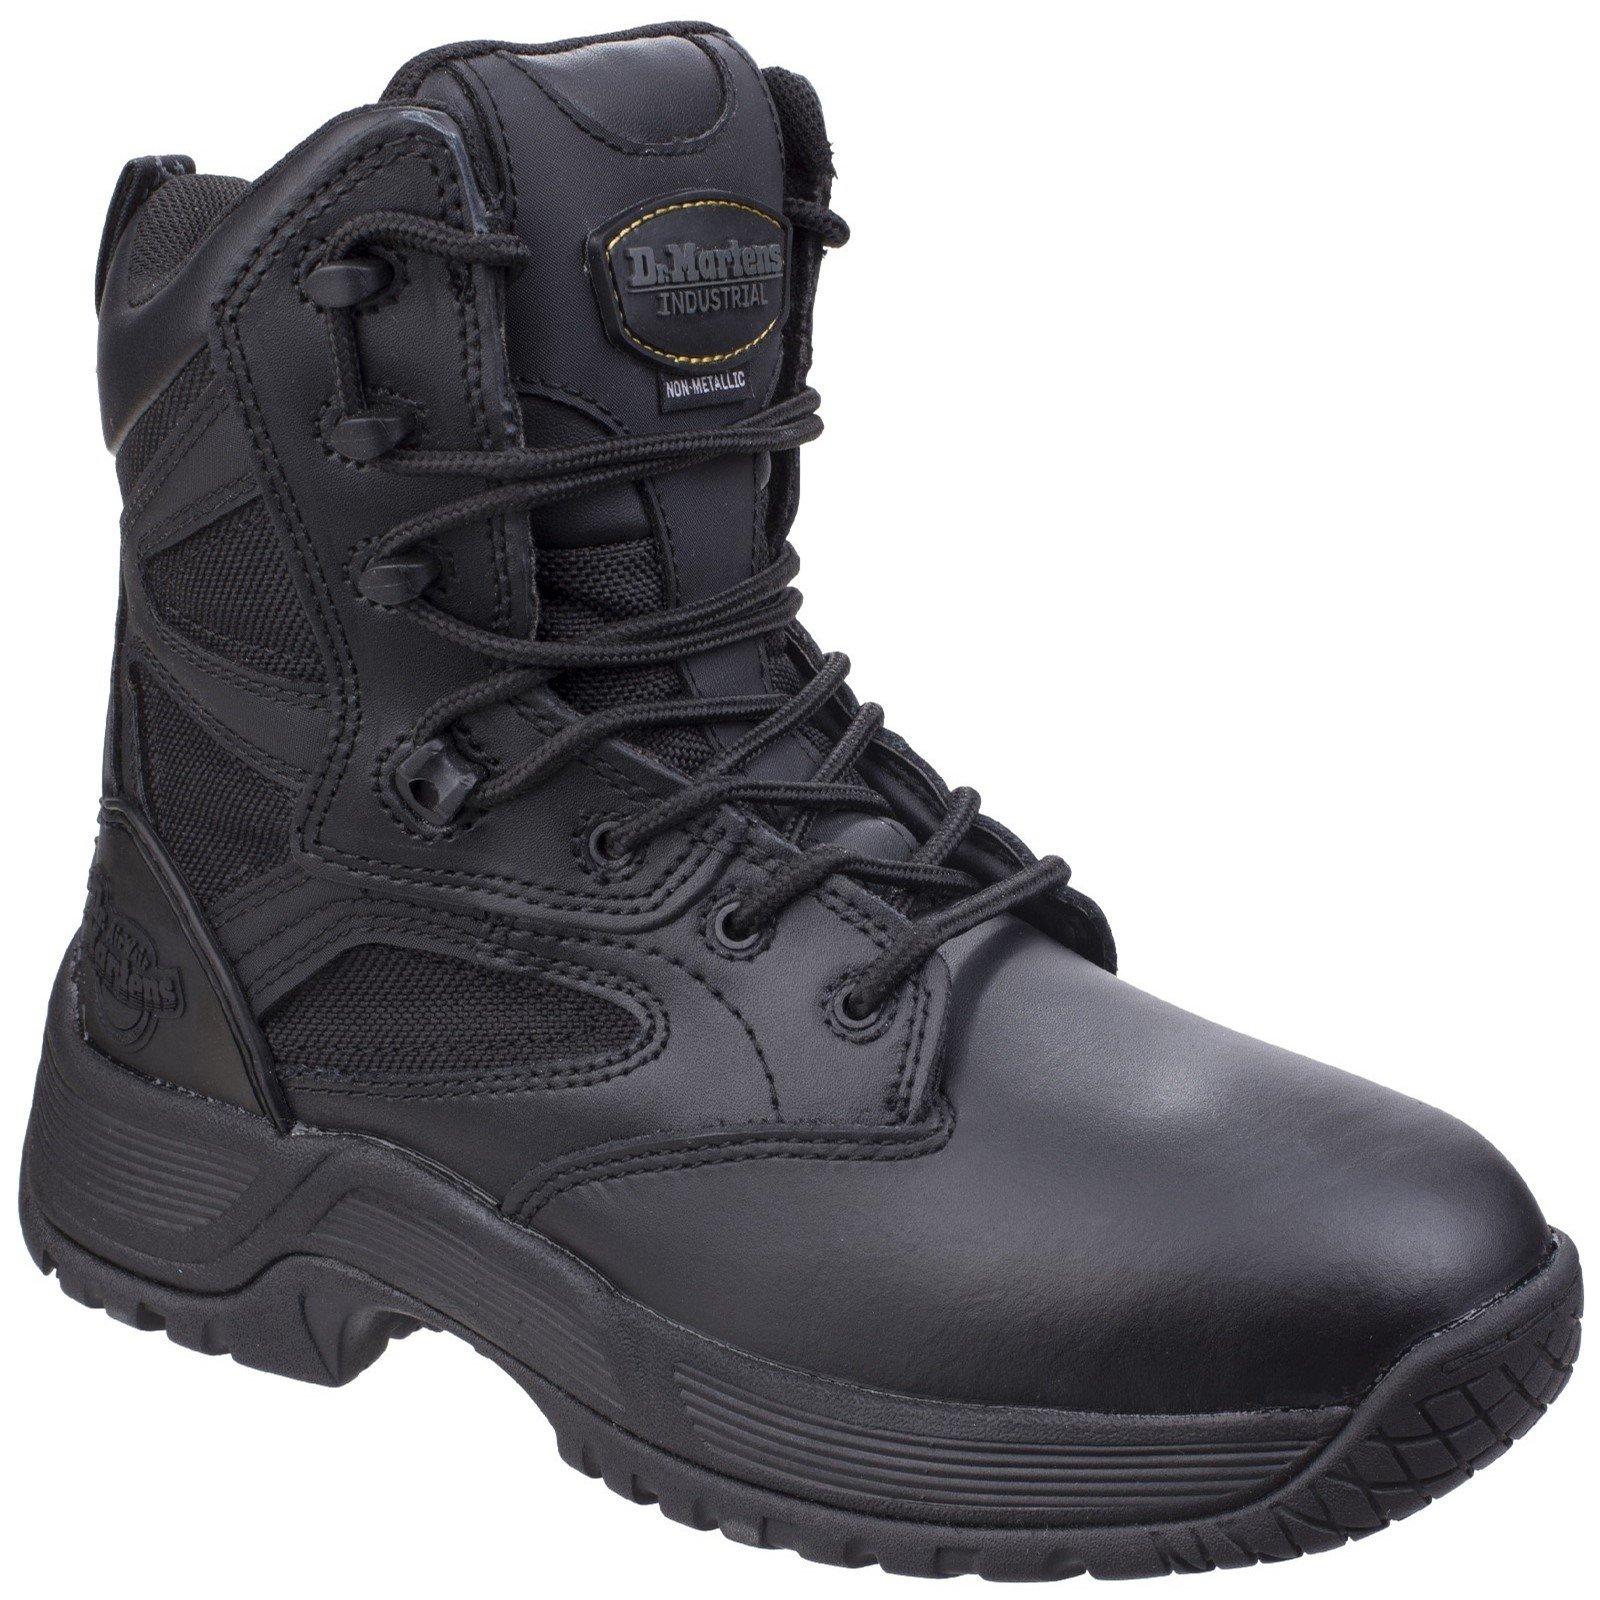 Dr Martens Unisex Skelton Service Boot Black 26028 - Black 6